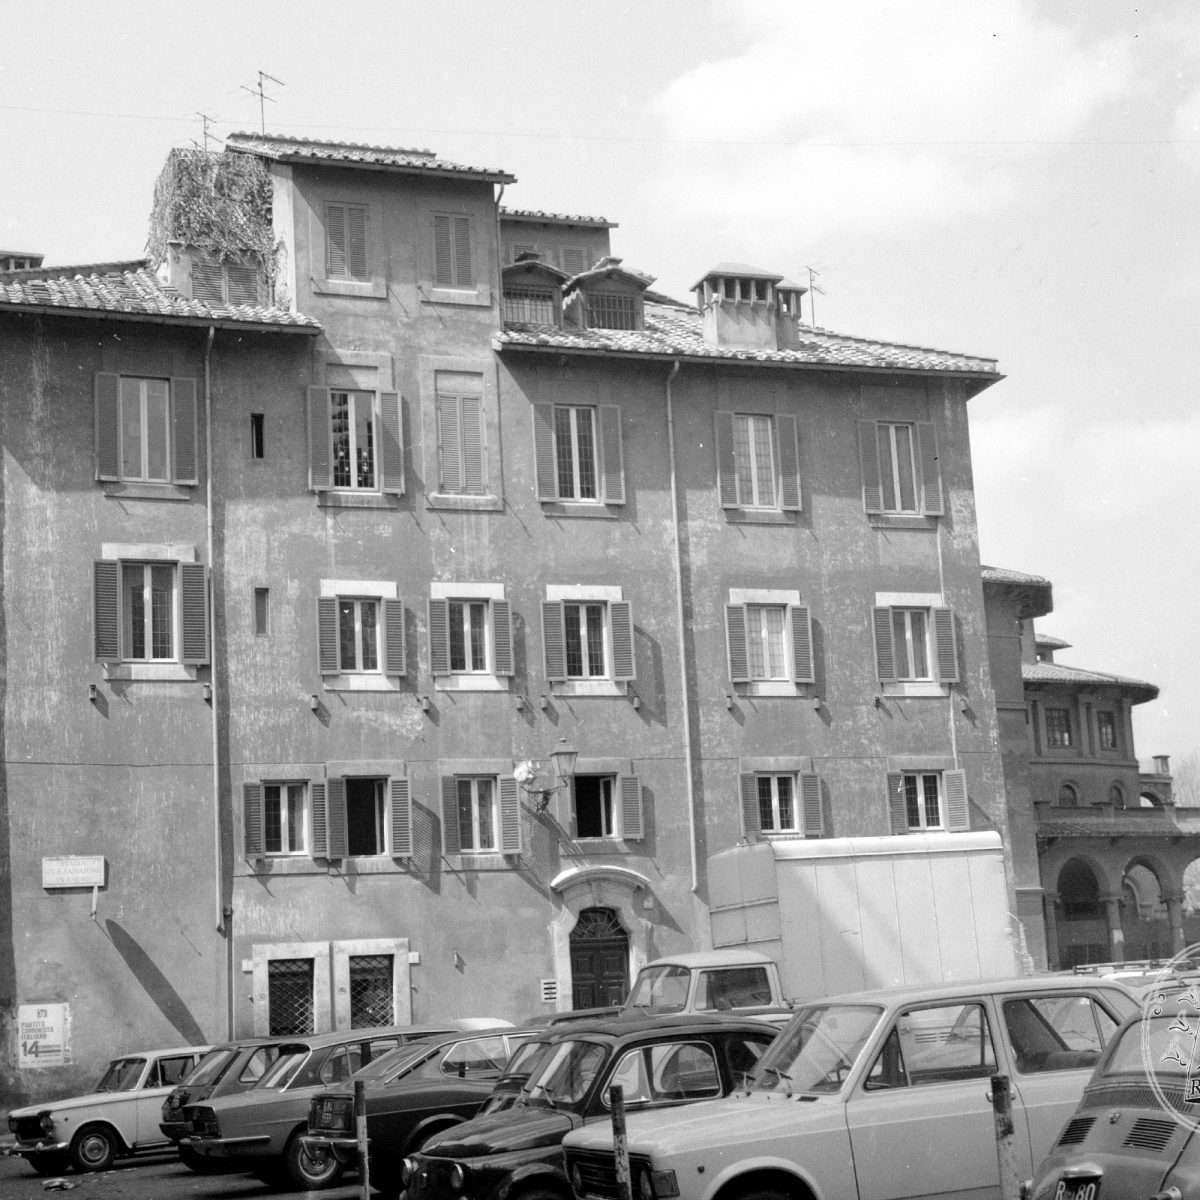 Piazza di San Salvatore in Lauro